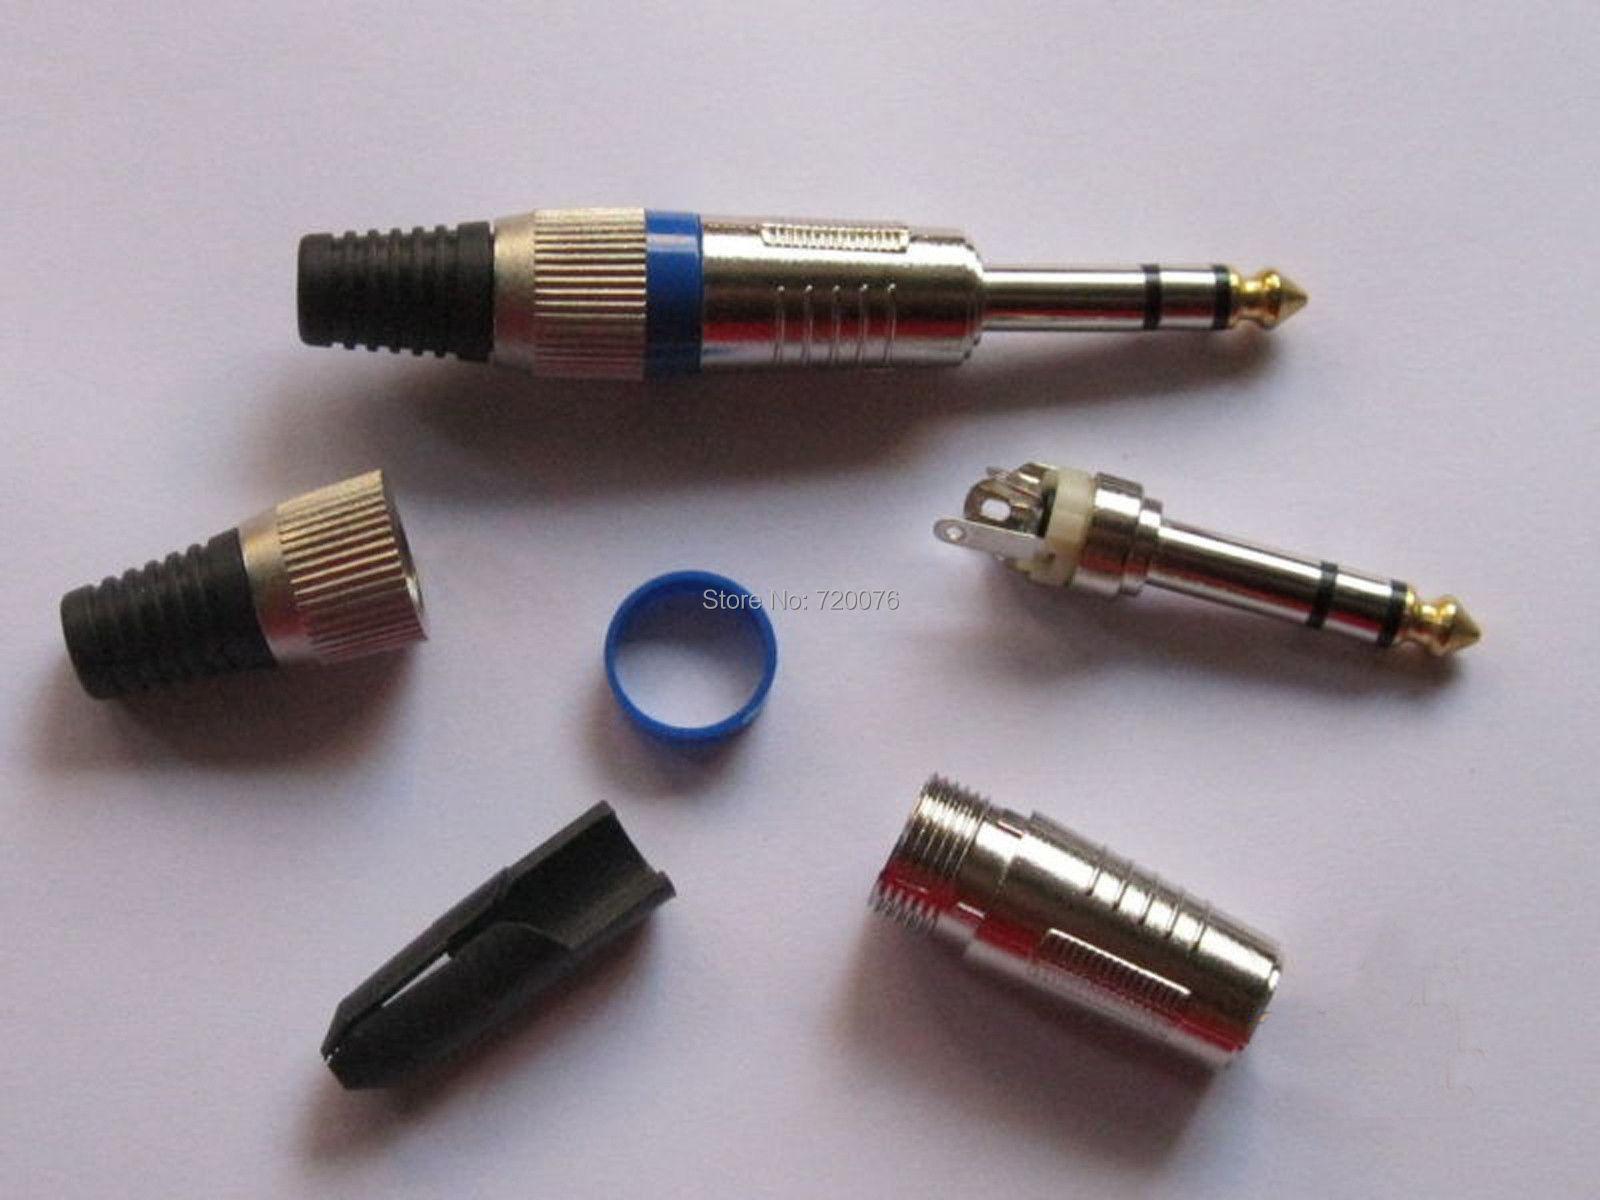 цена на 20 pcs 6.35mm Stereo Audio Plug Head Gold Plated Blue